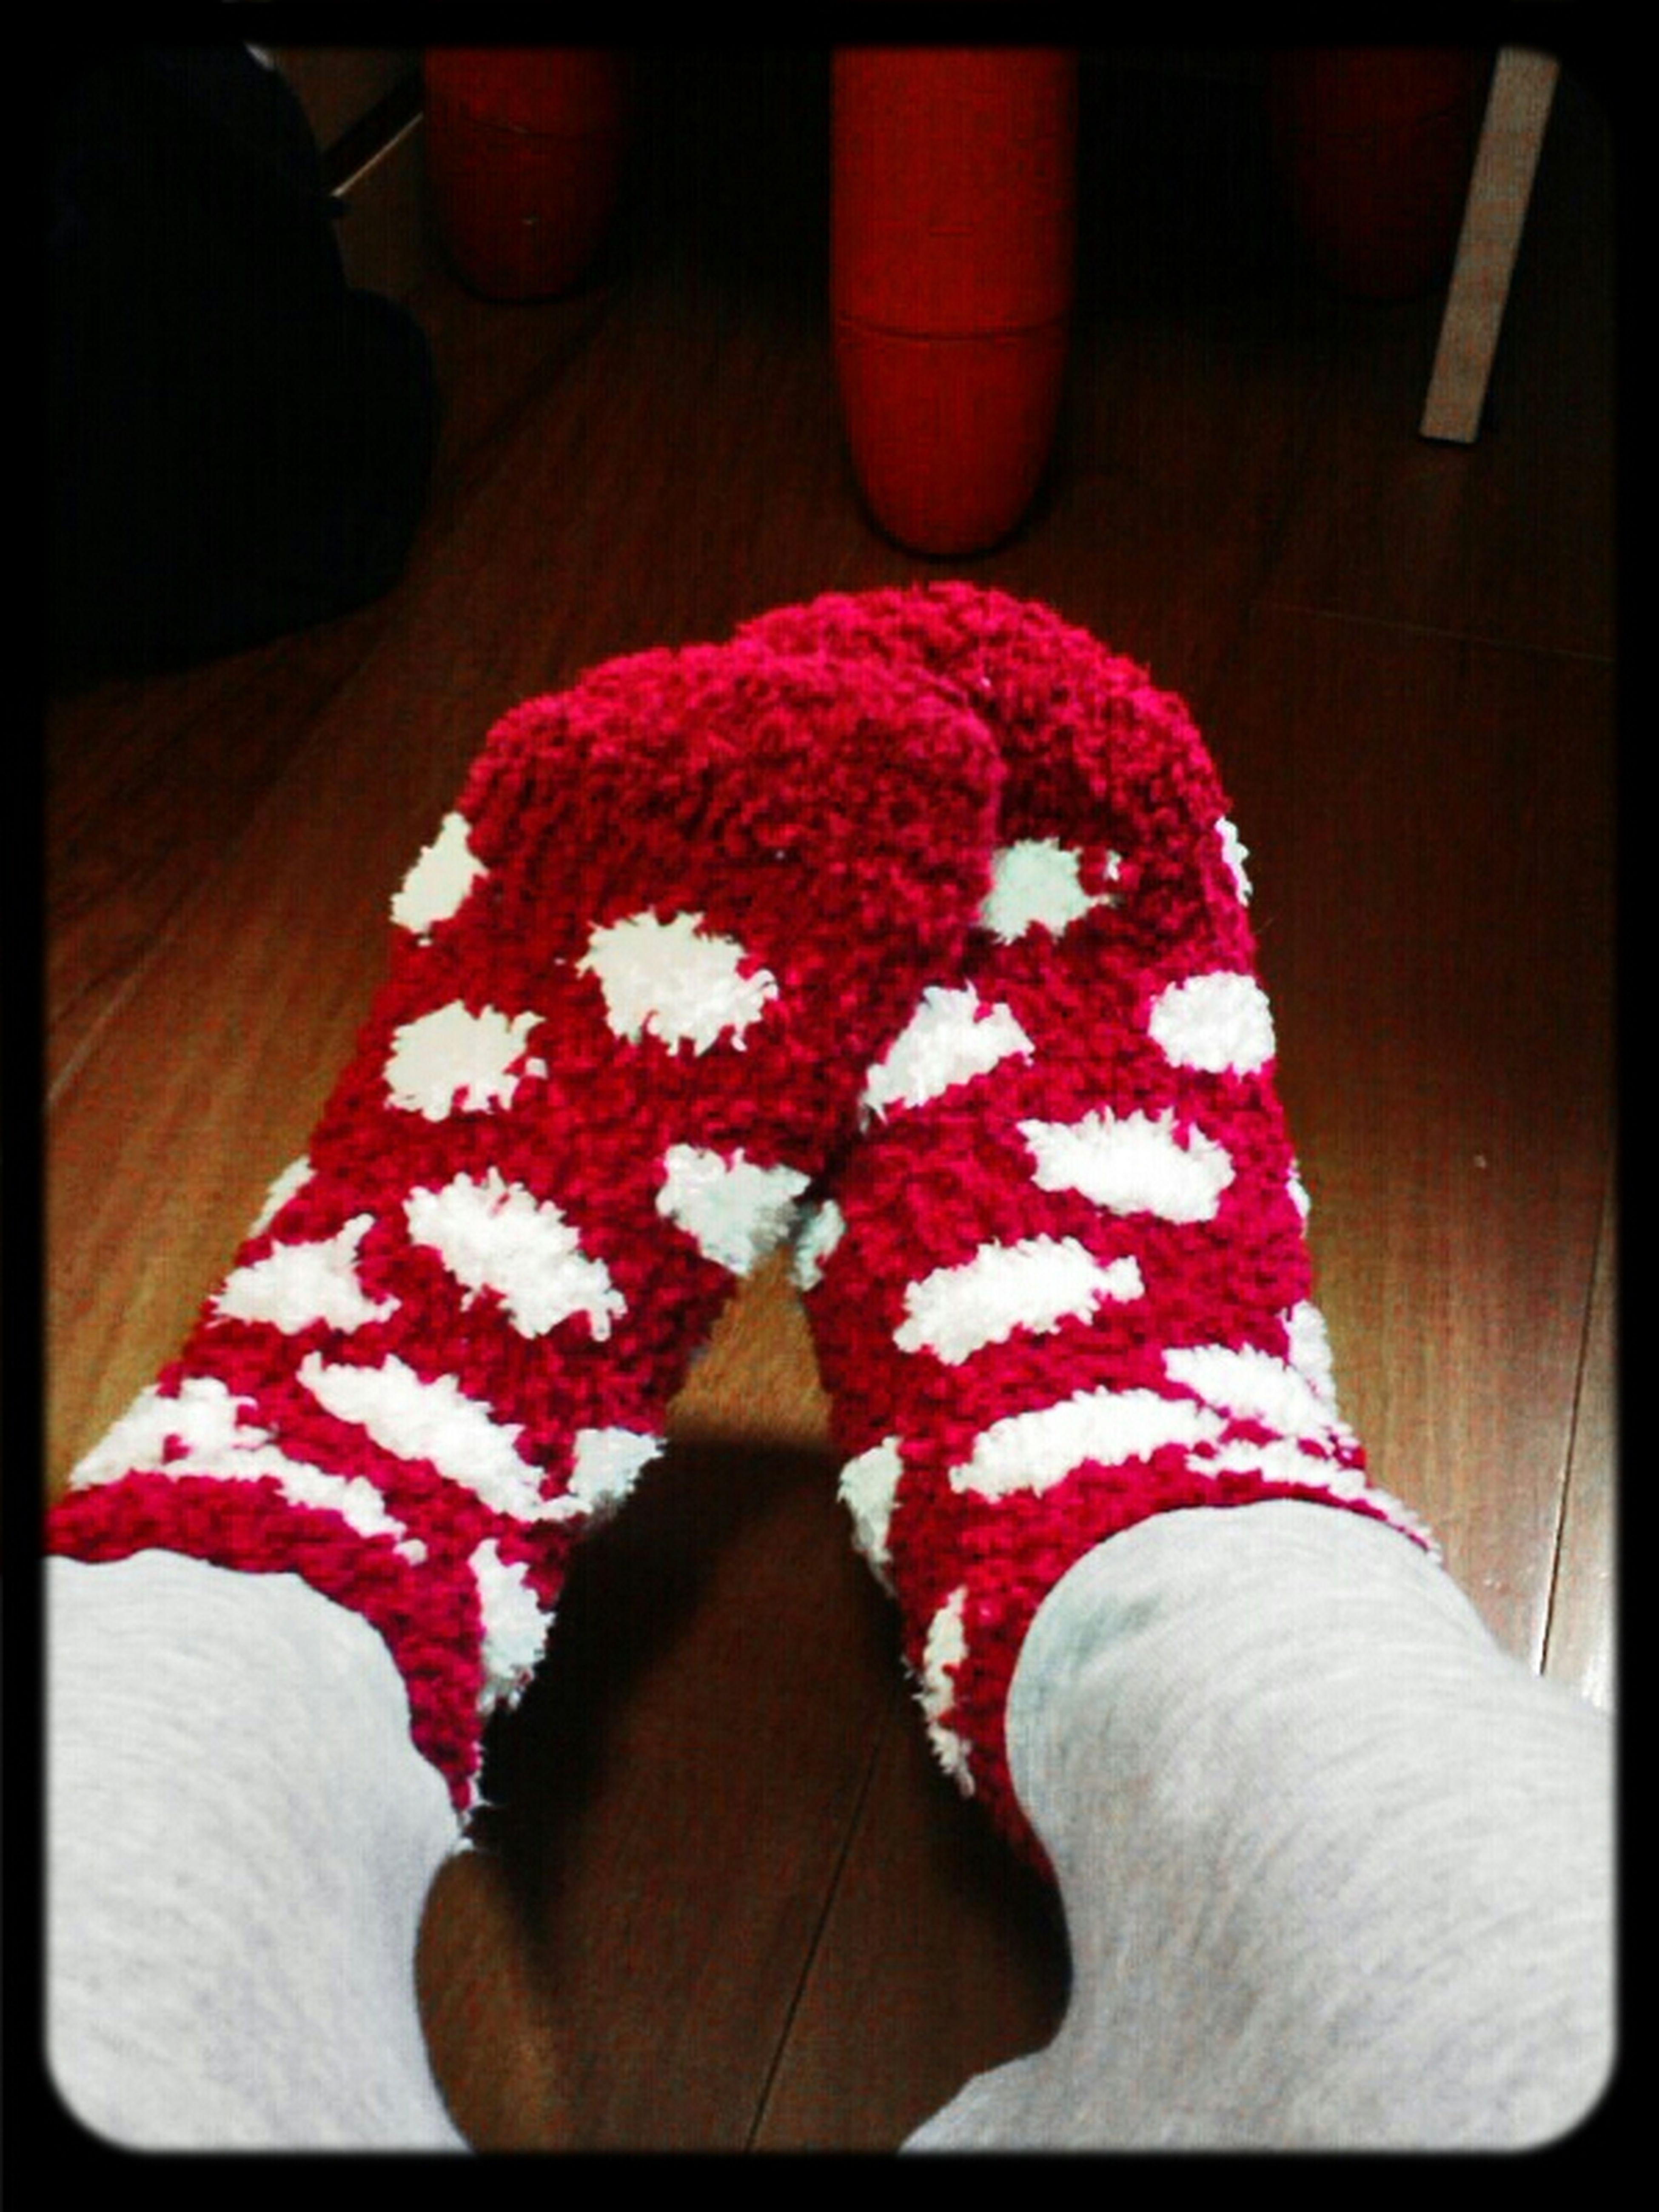 Wearing Socks